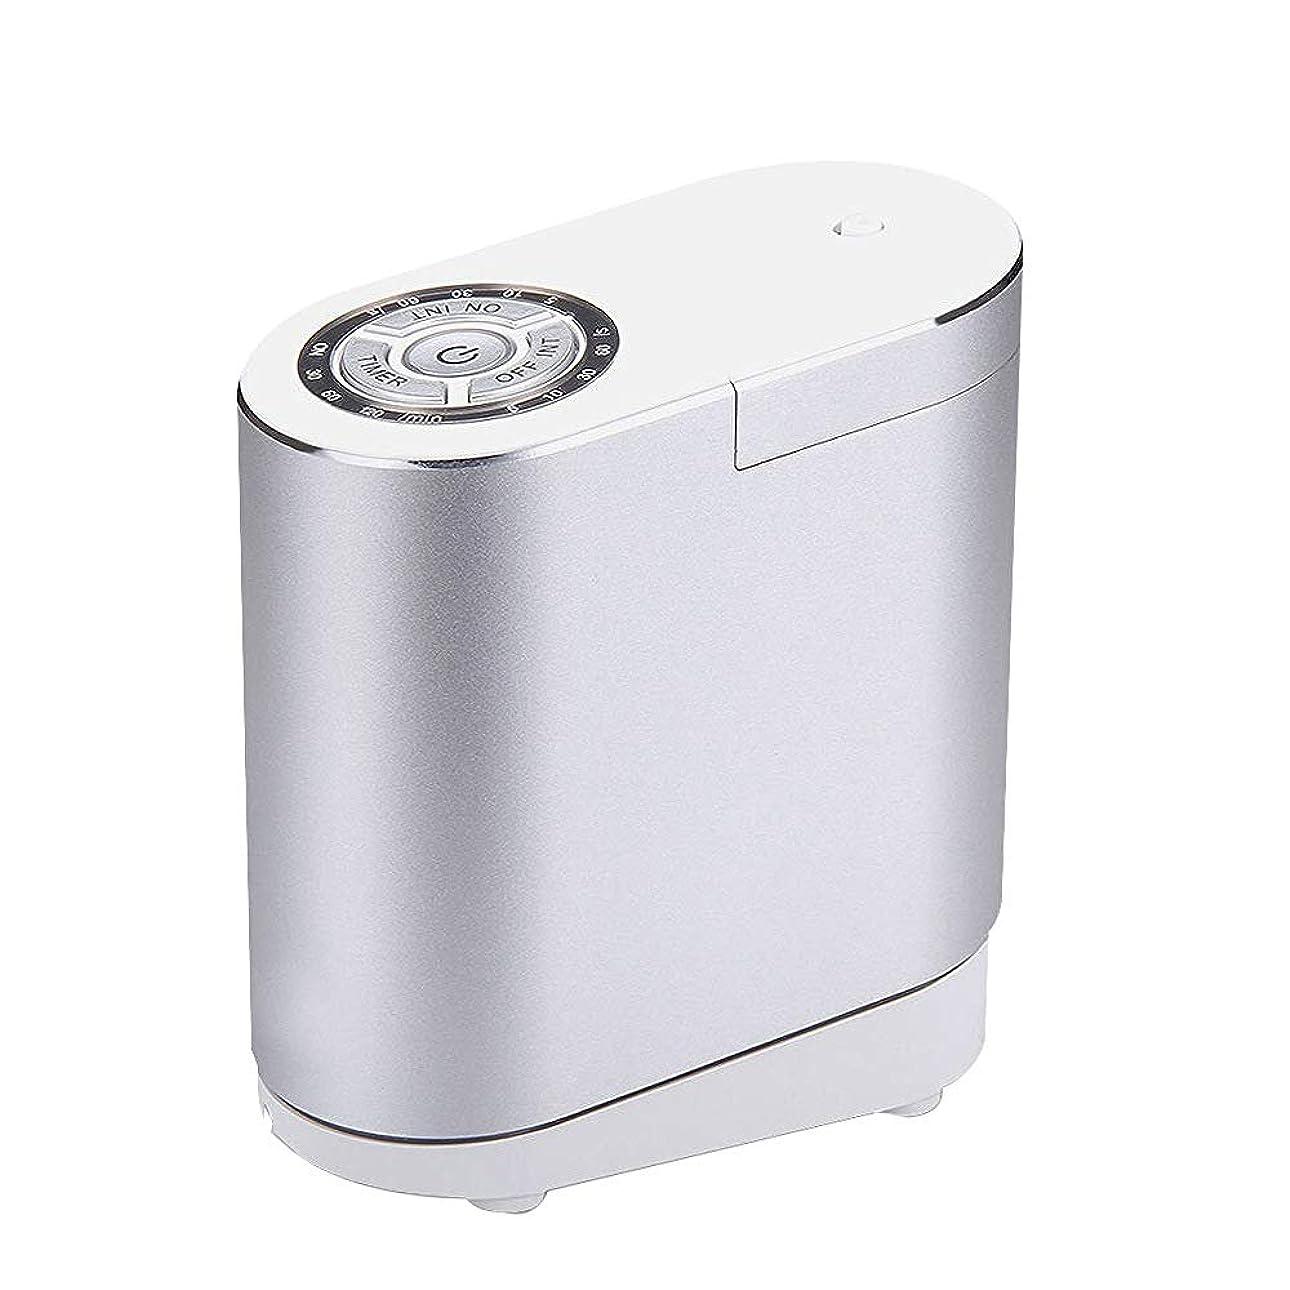 未接続技術者四半期精油の拡散器、総本店の寝室部屋のための携帯用超音波拡散器の涼しい霧の加湿器,silver30ML